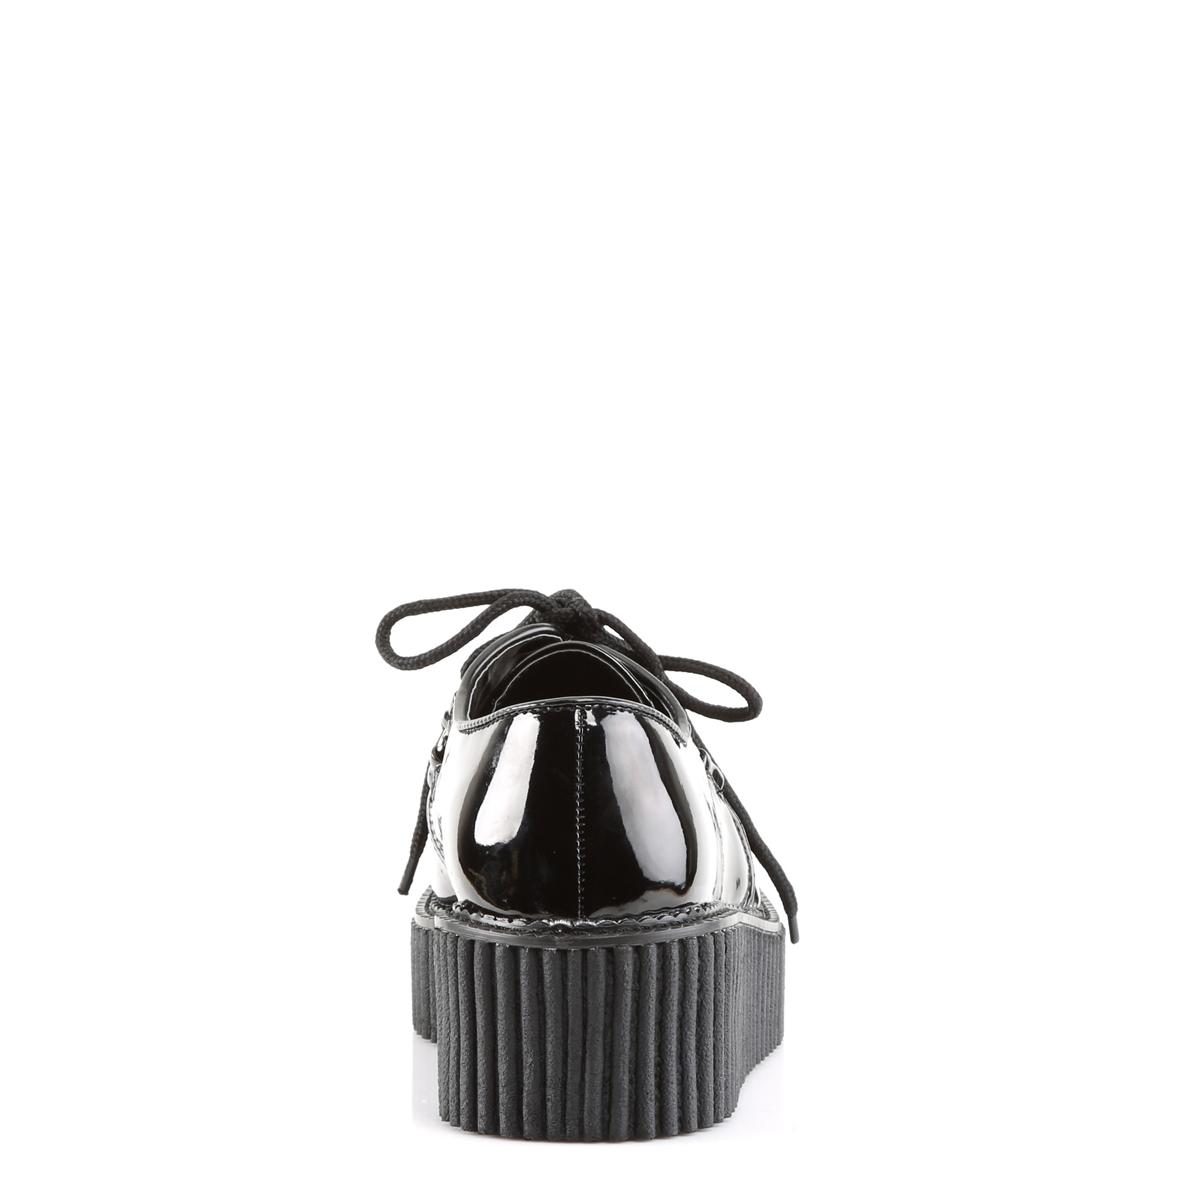 DEMONIA CREEPER-108 レディースシューズ/クリーパー スタッズ&ハート型カットアウト エナメル黒 デモニア◆取り寄せ